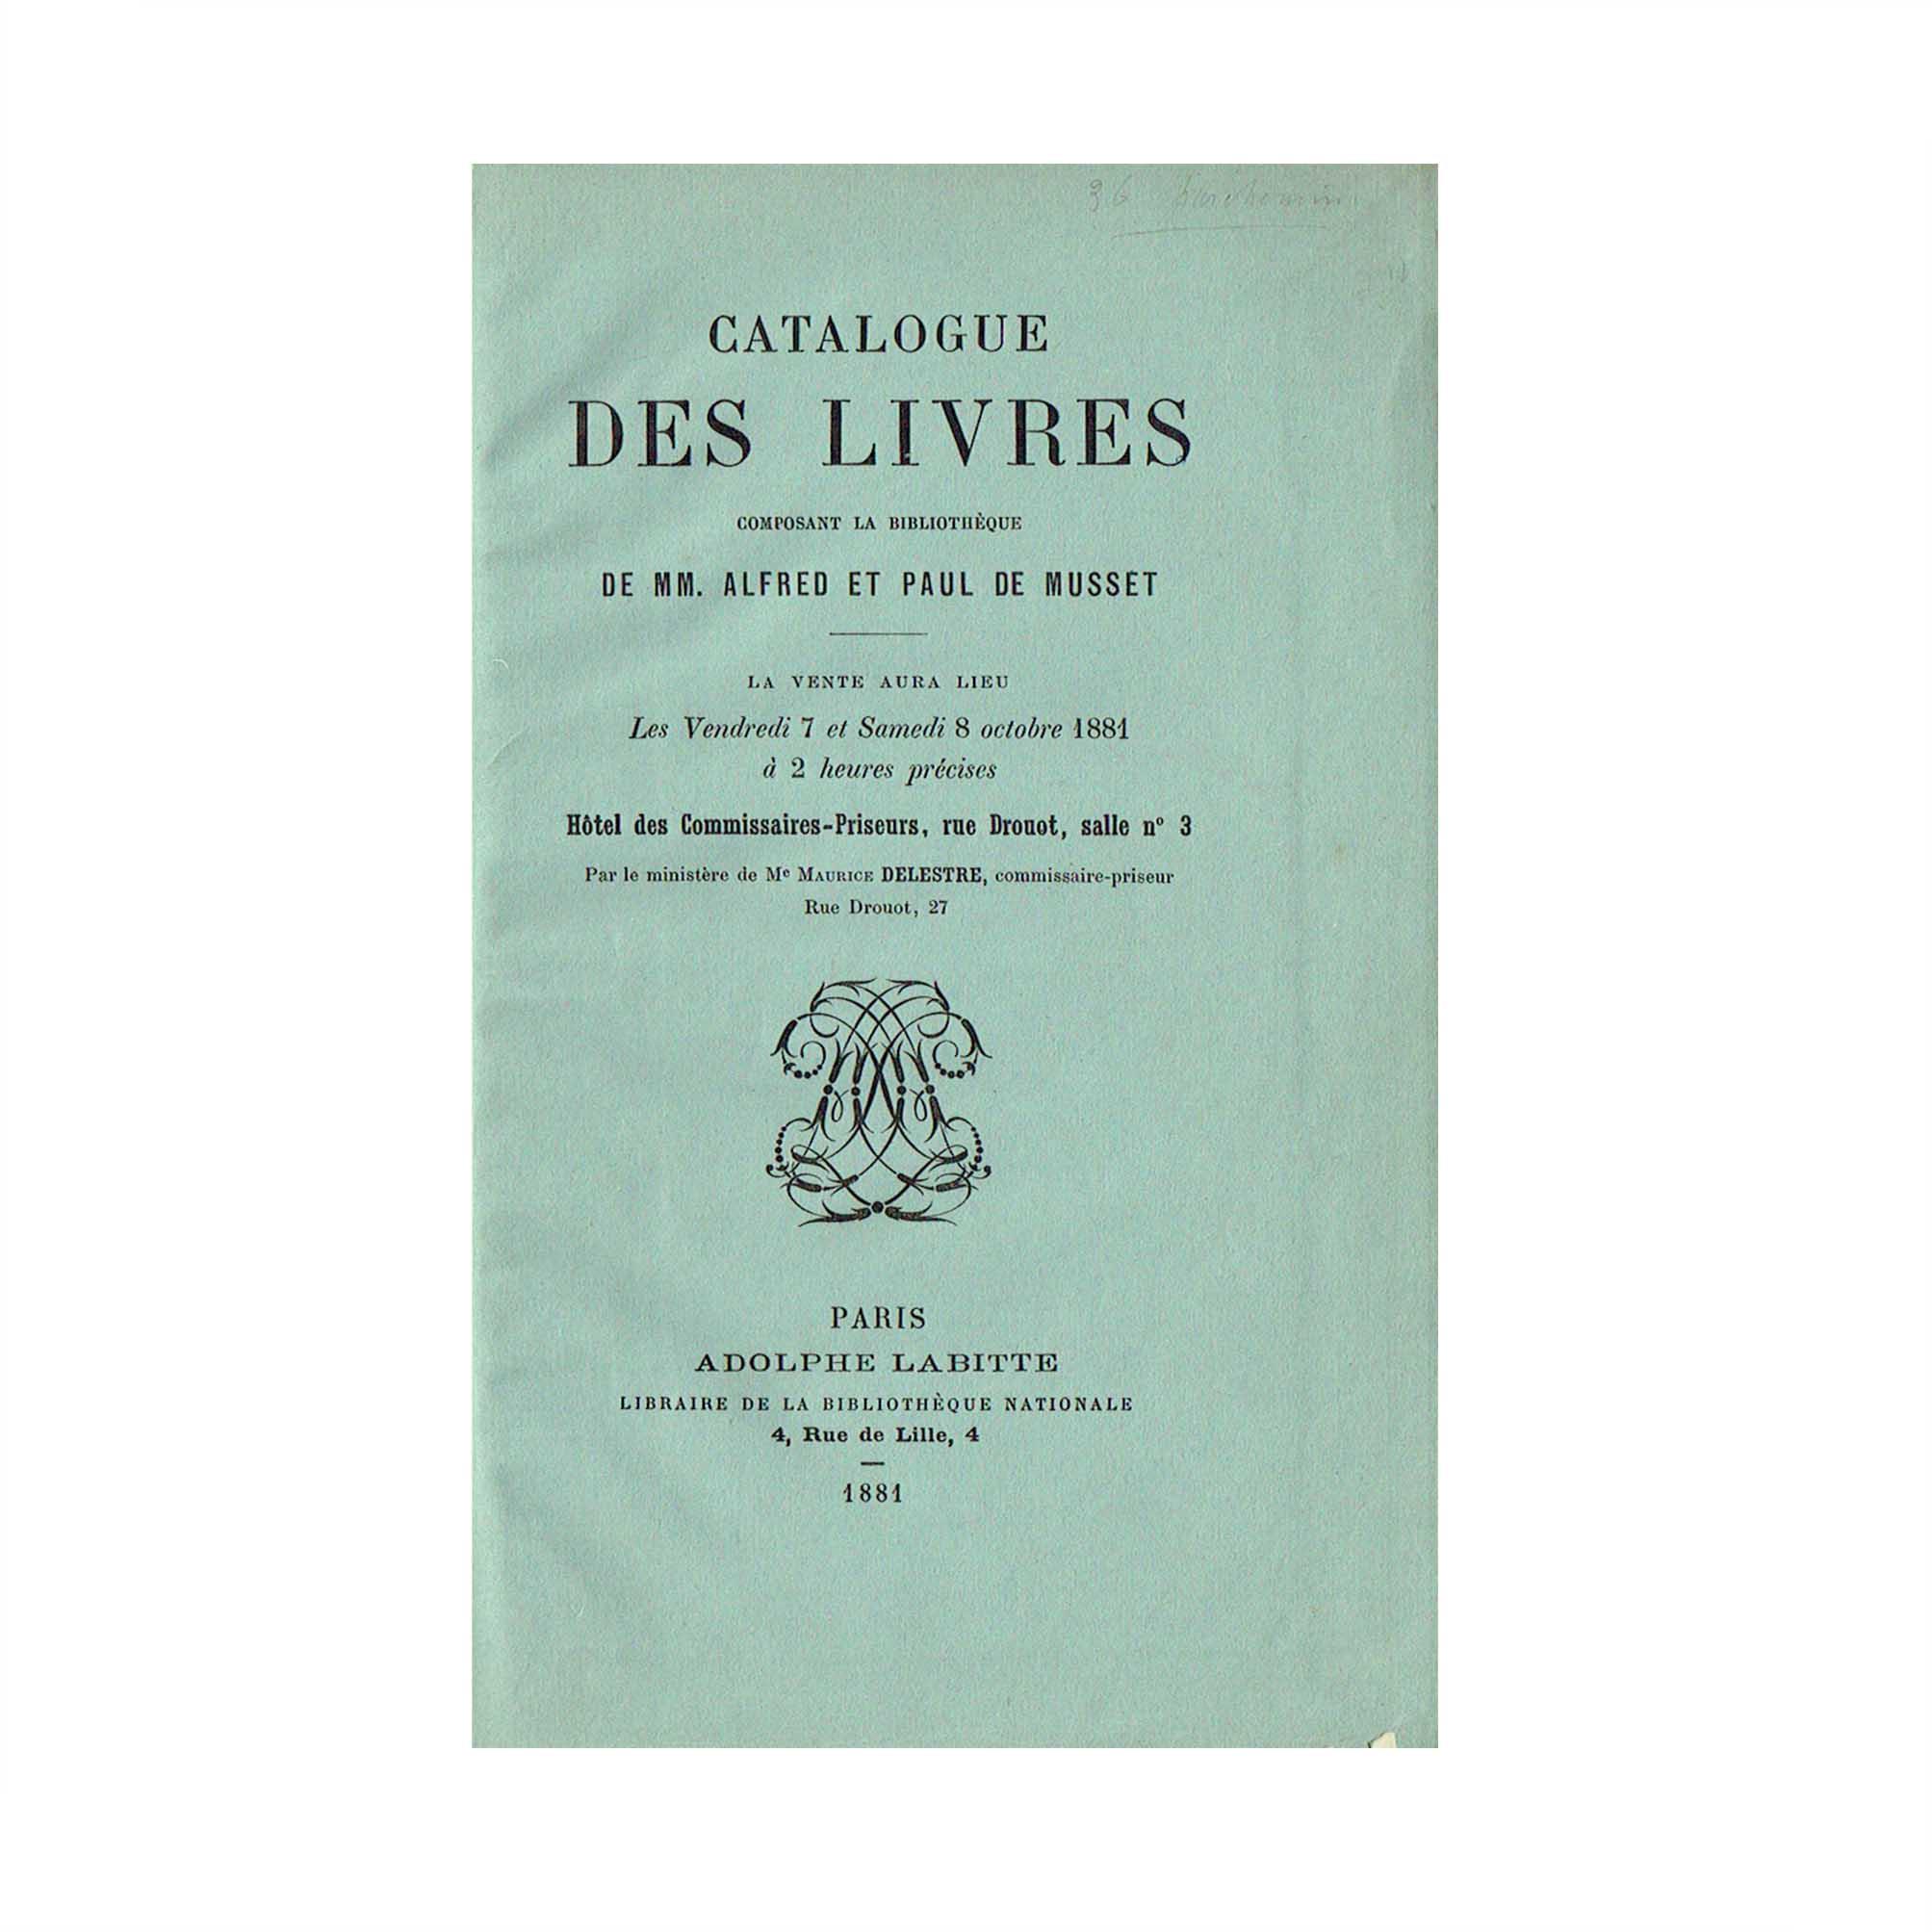 5564-Musset-Labitte-Catalogue-Livres-1881-Front-wrapper-N.jpeg